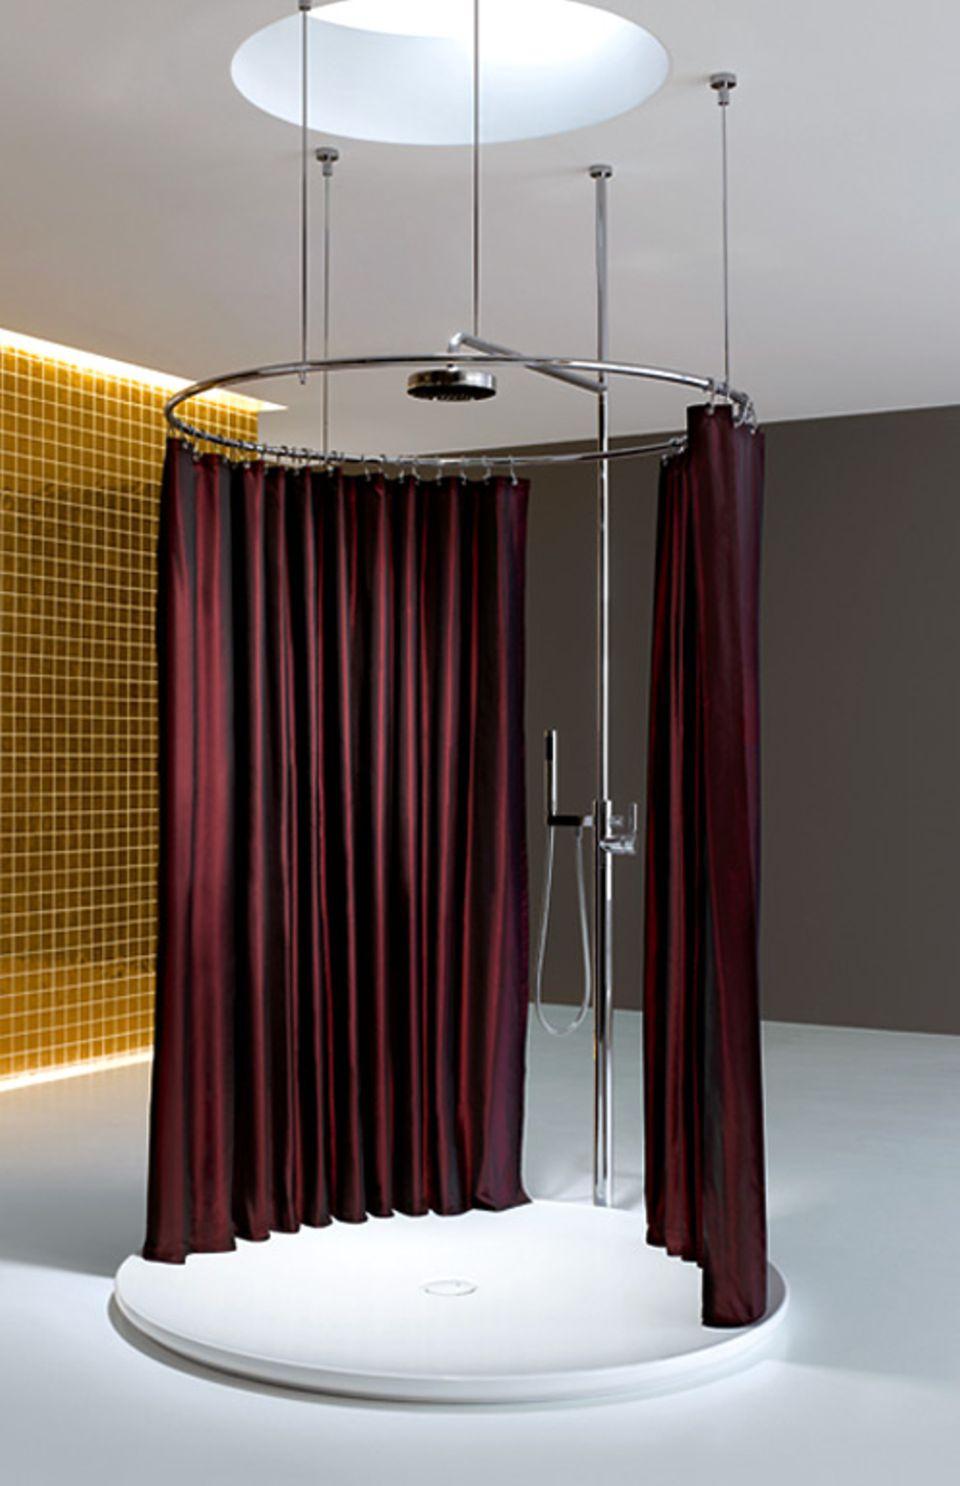 Duschvorhang – flexible Lösung für Badewanne & Dusche   [SCHÖNER ...